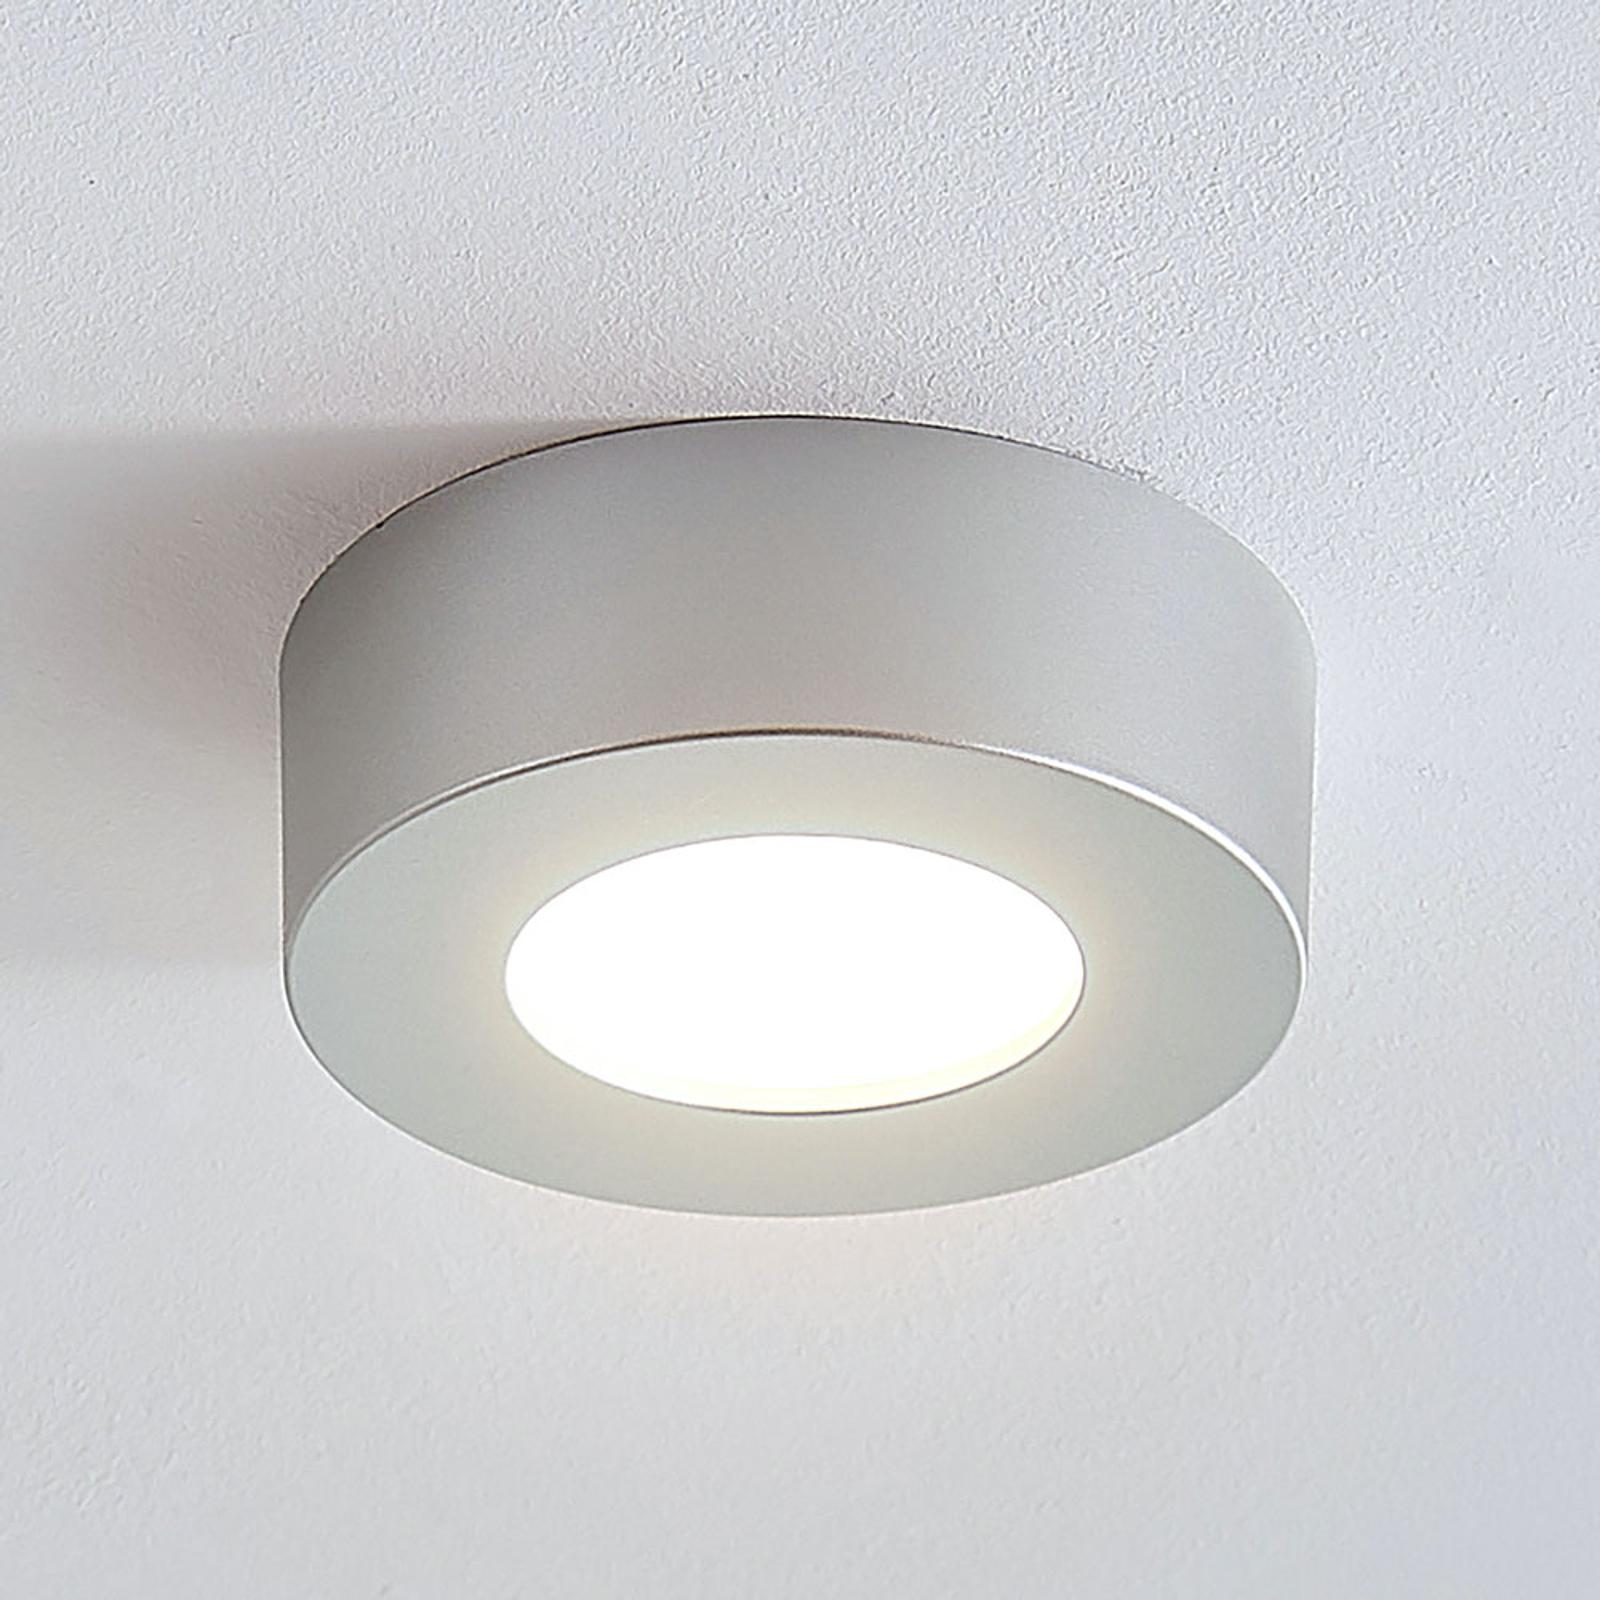 LED-Deckenlampe Marlo silber 3000K rund 12,8cm